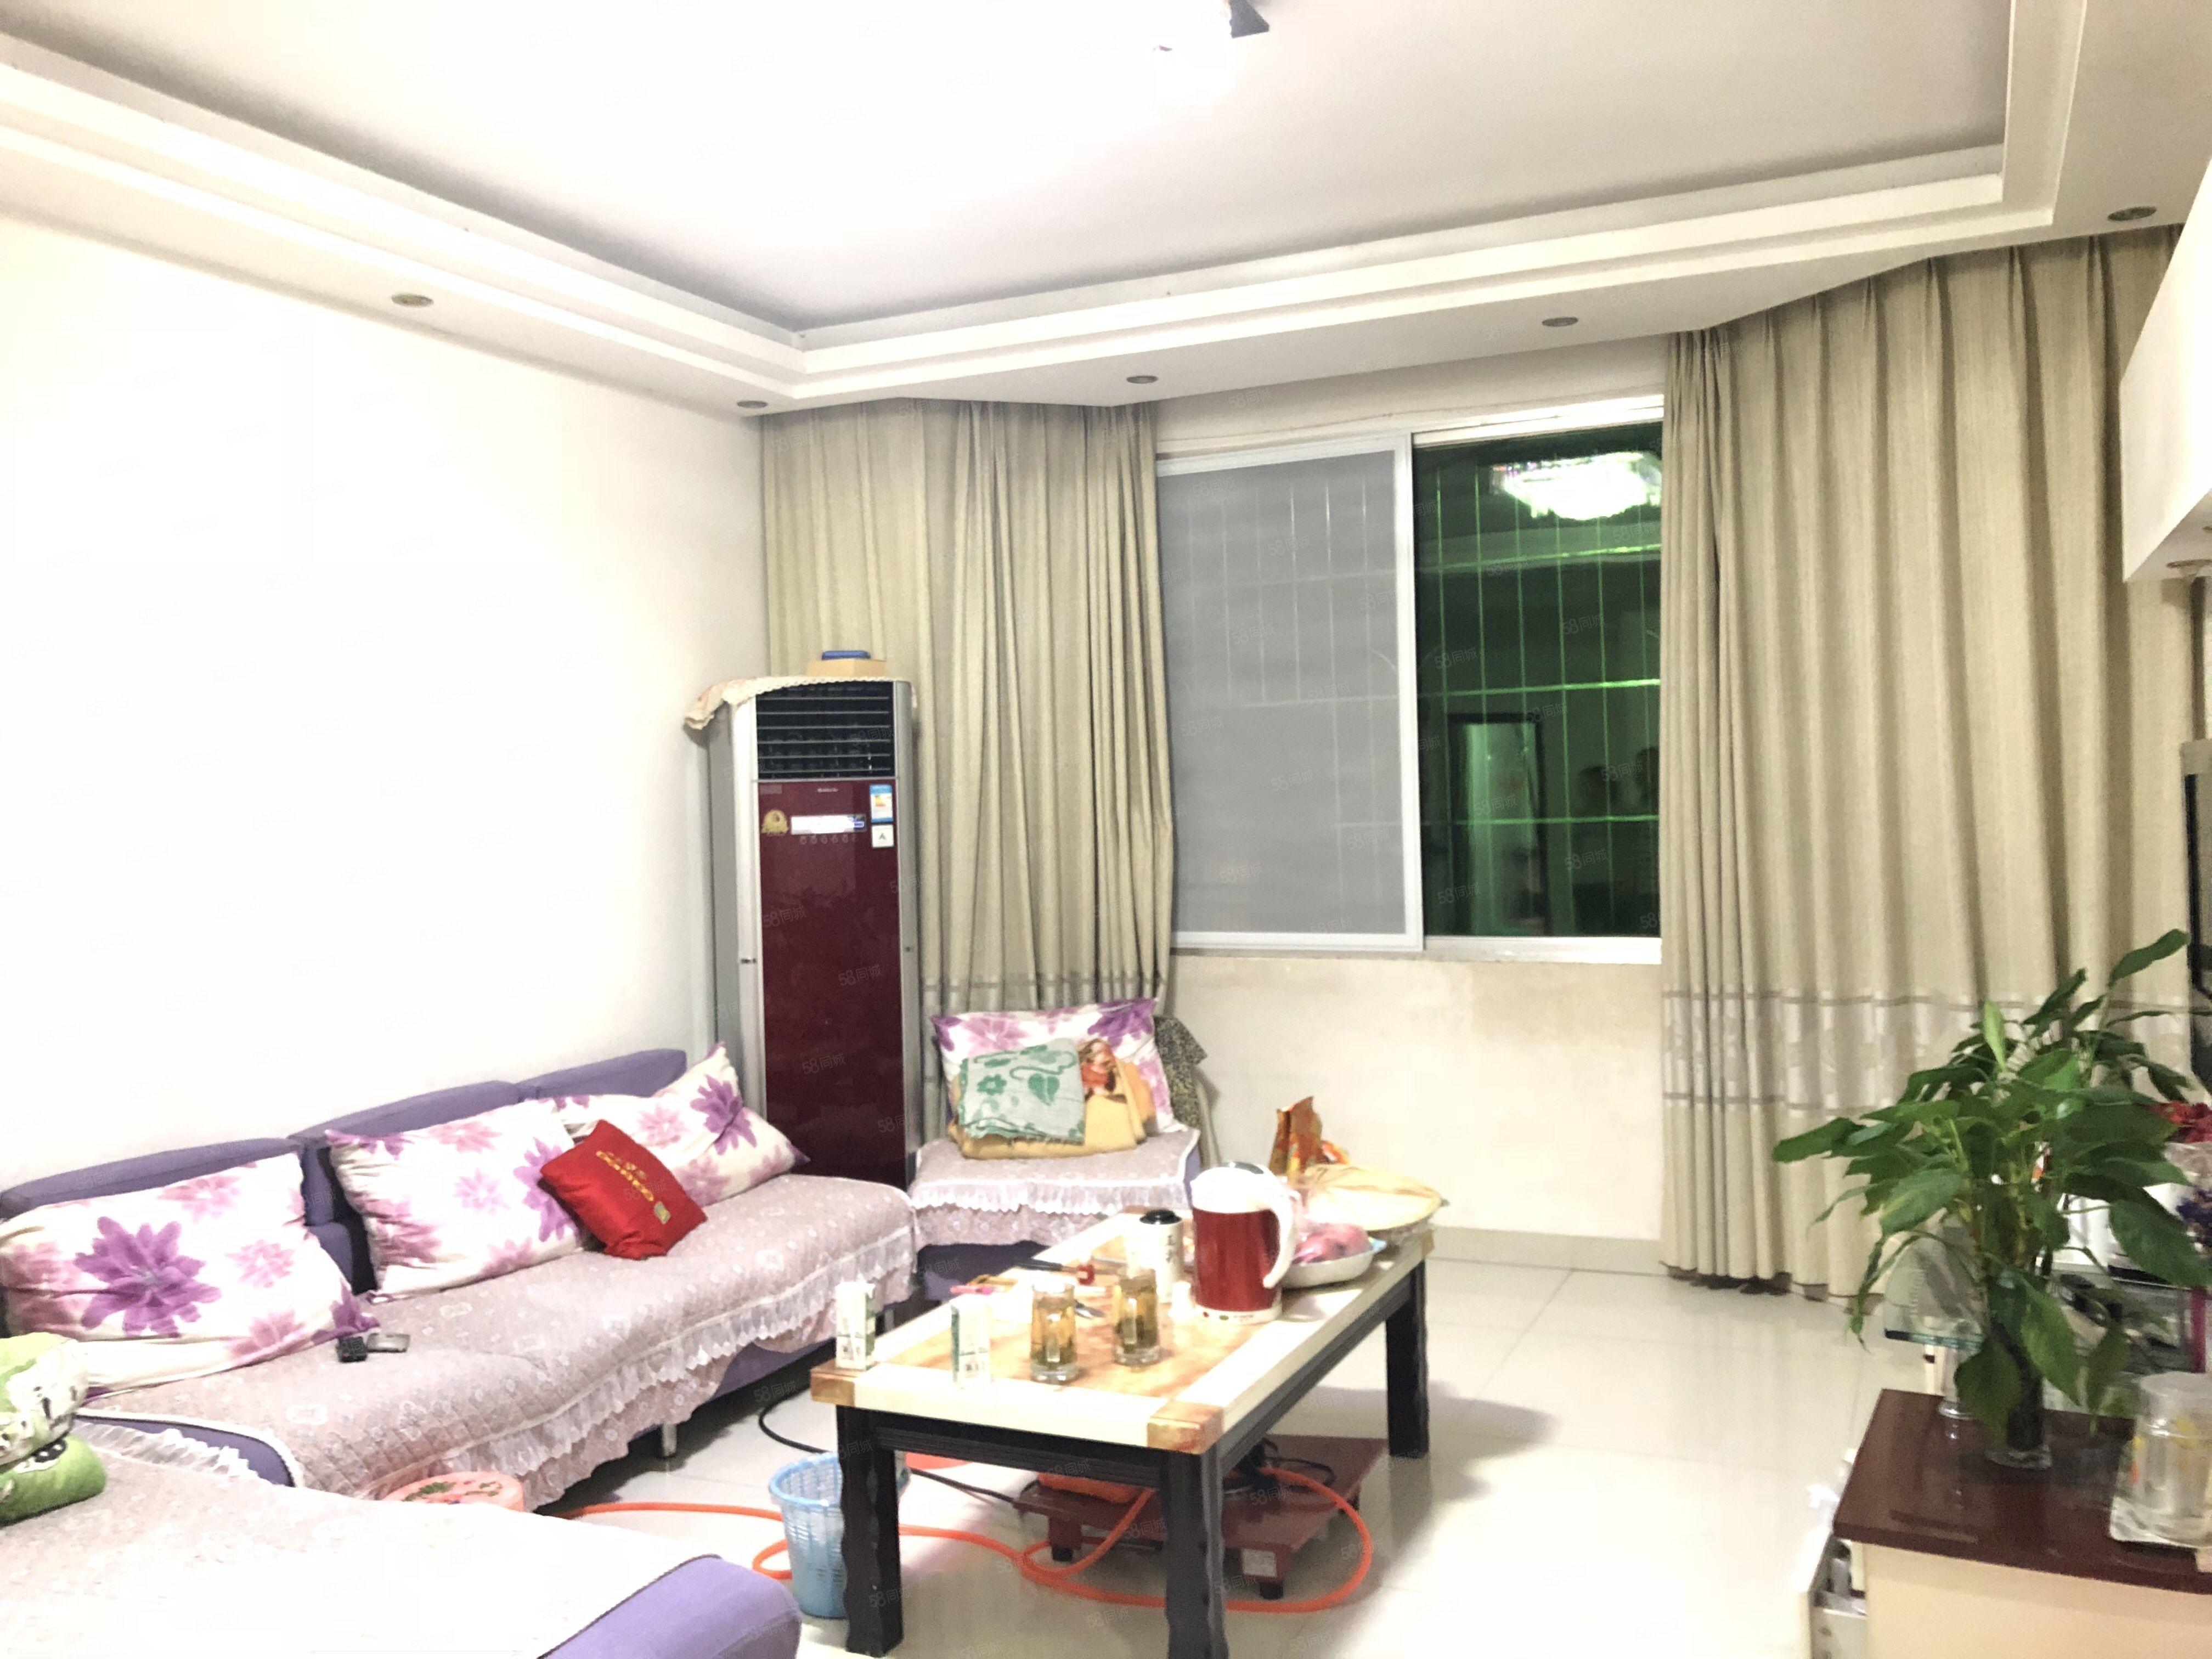 好房推荐后河财富广场旁低于市场价,首付12万,精装3房急售